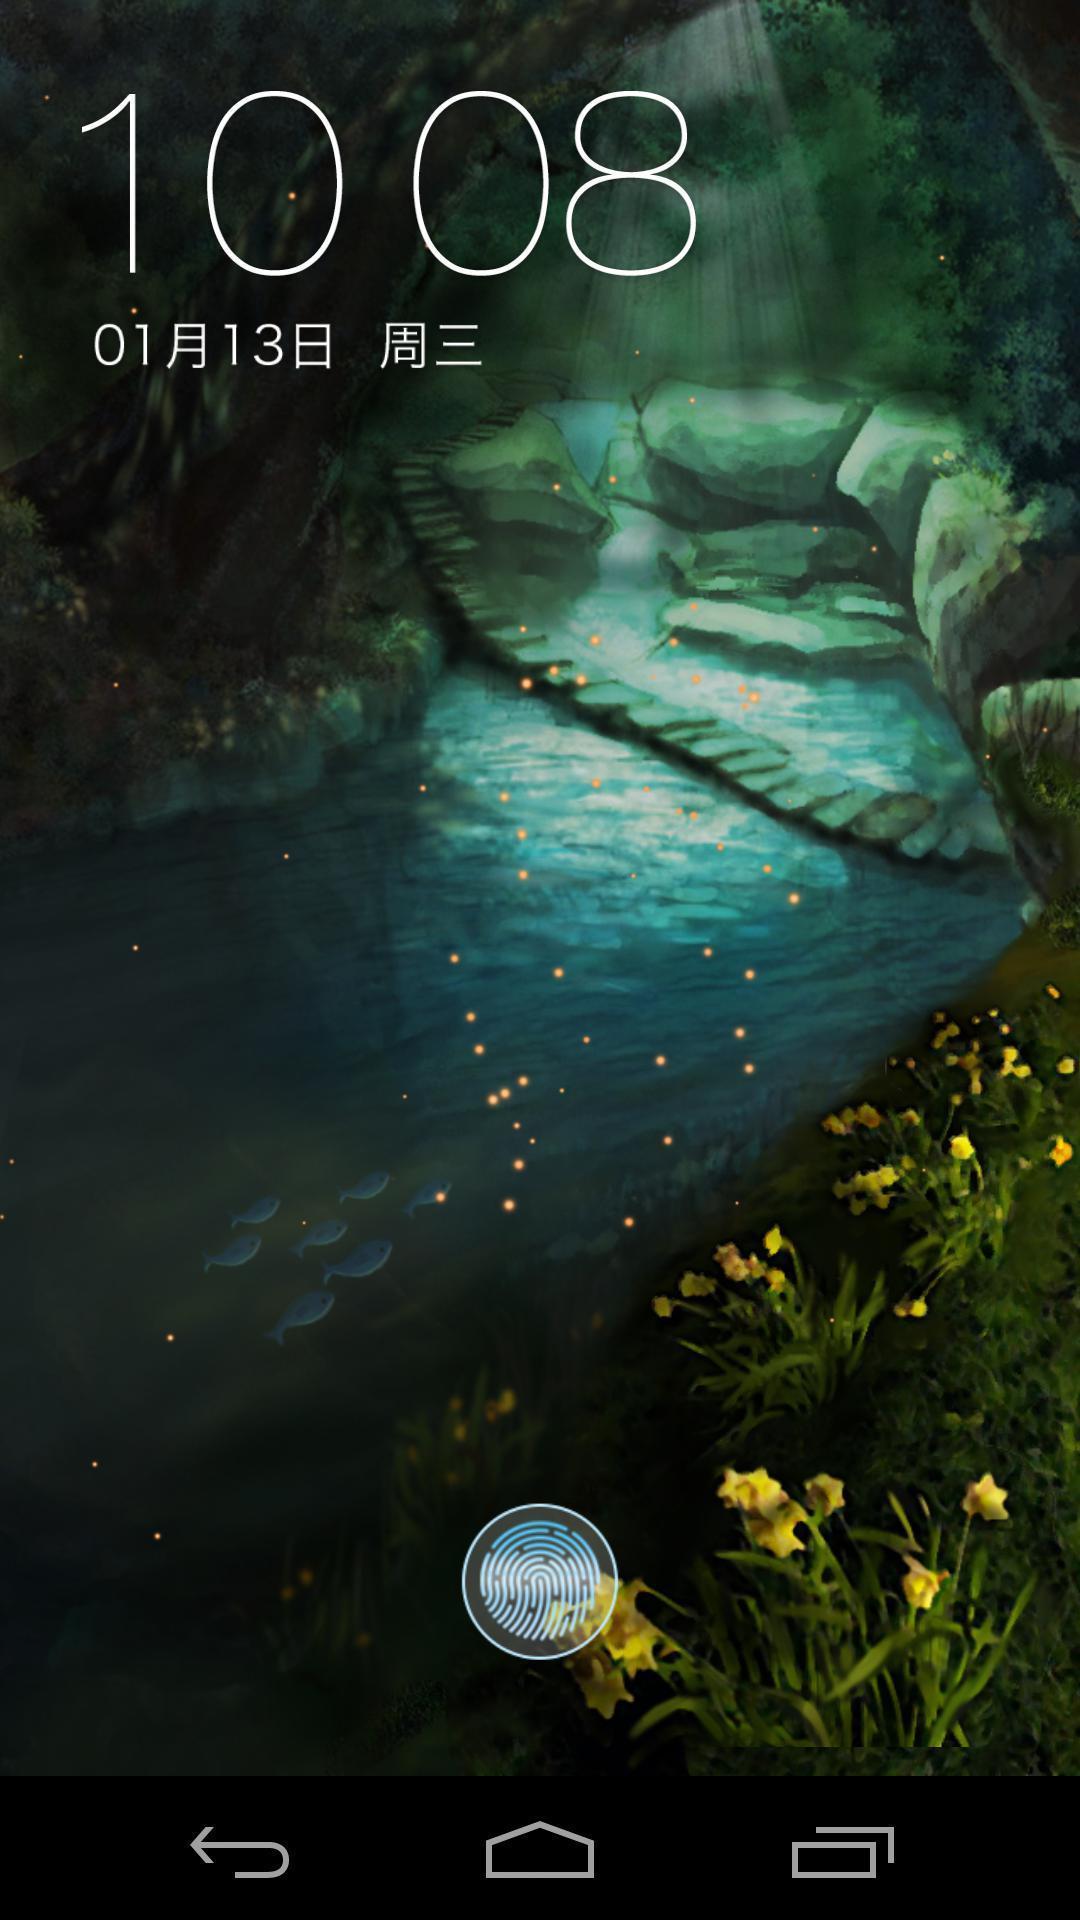 深穴萤火虫-梦象动态壁纸